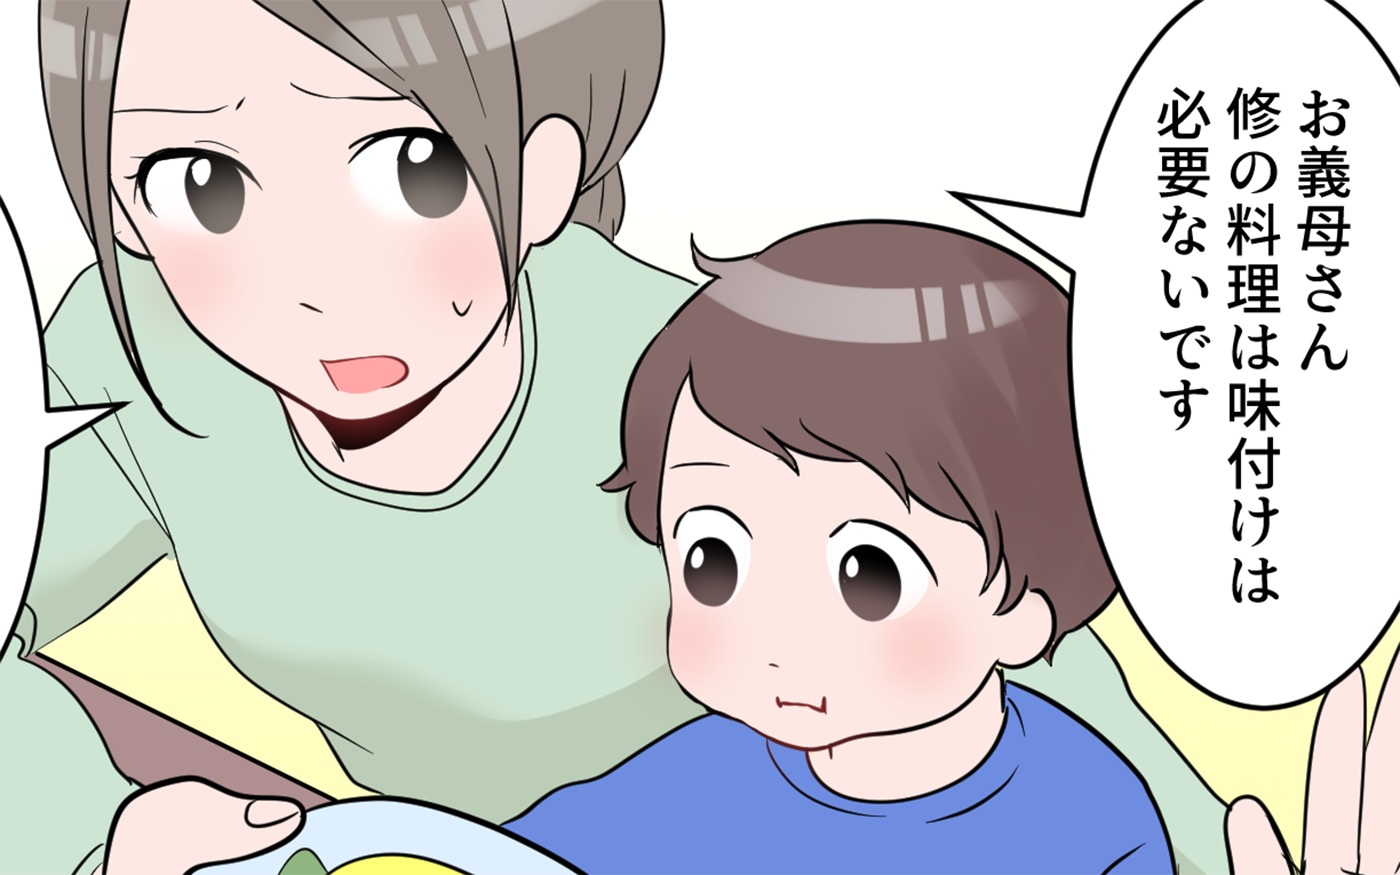 思い込みが激しい息子の奥さんに困惑…孫の食生活は本当に大丈夫?(1)